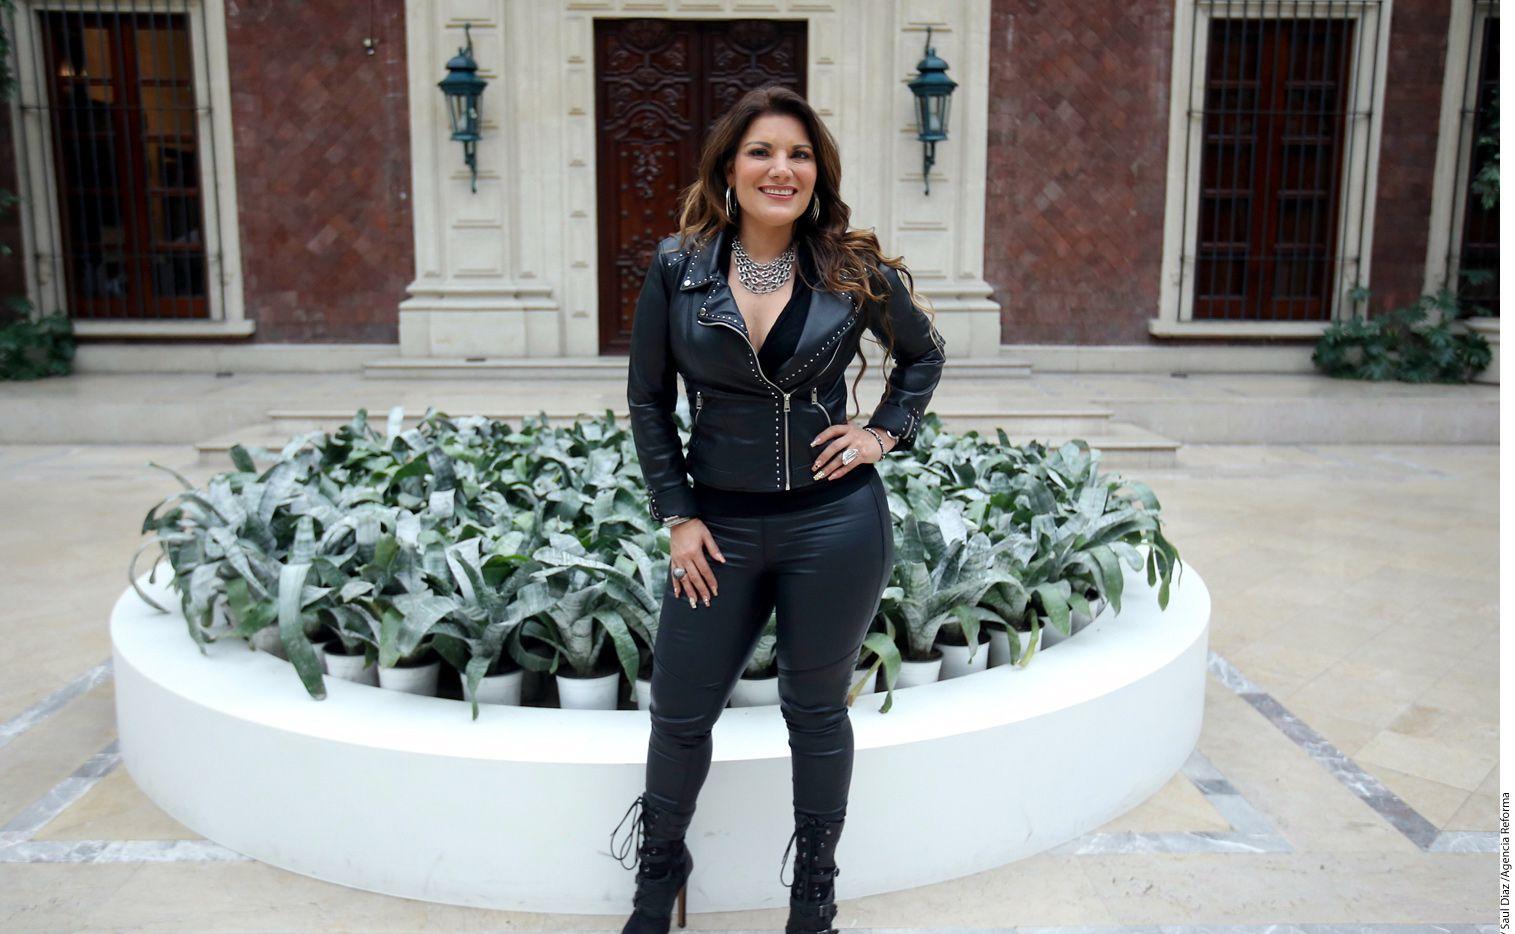 """Diana Reyes, """"La Reina del Pasito Duranguense"""", se prepara para afrontar el reto de cantar en un teatro, pues su carrera se ha desarrollado principalmente en bailes populares y palenques. /AGENCIA REFORMA"""